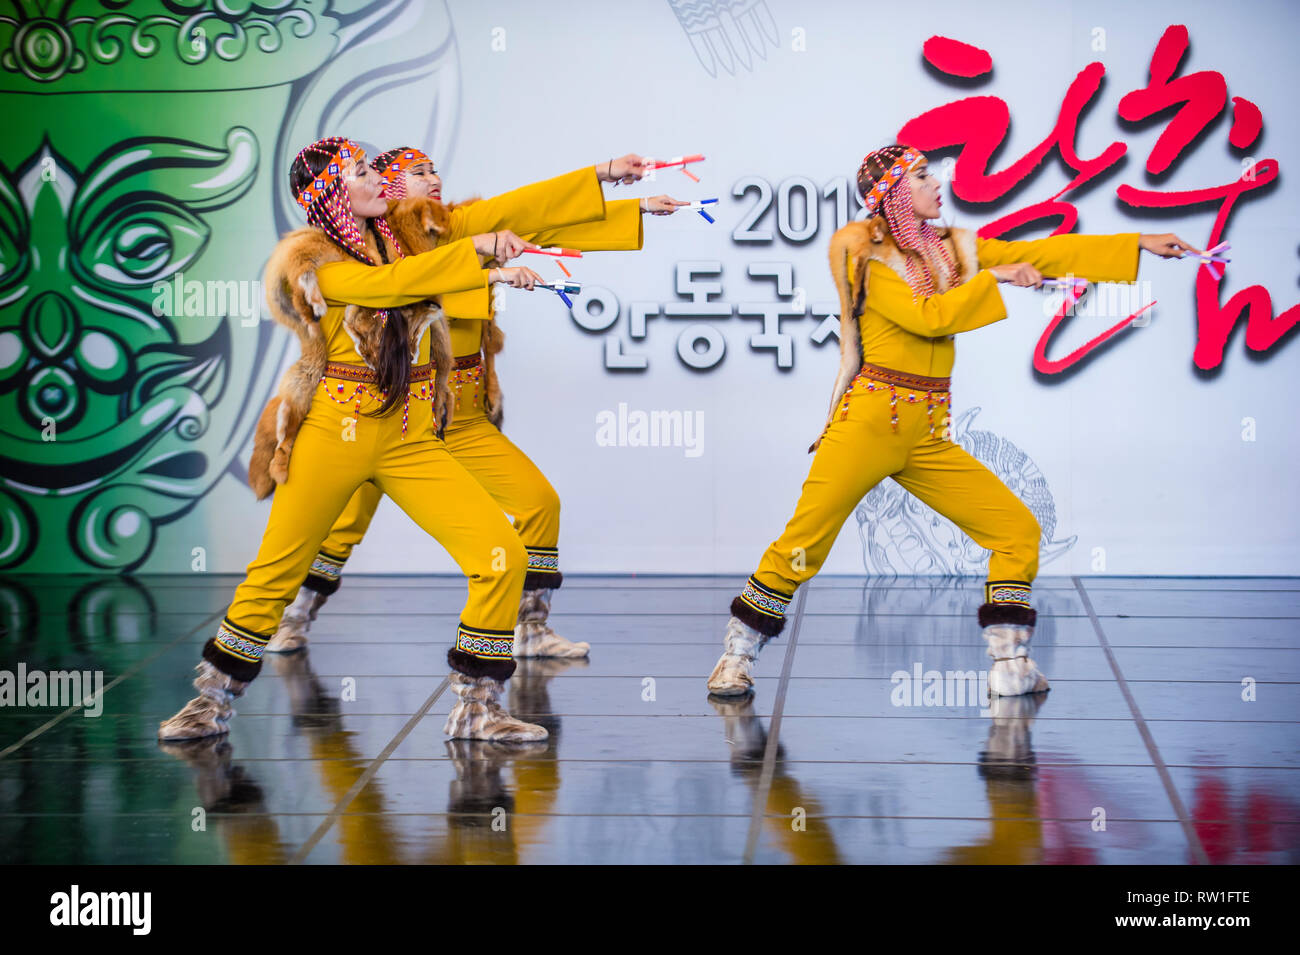 Bailarines de Folk Ensemble Gulun de Yakutia, al norte de Rusia, actúan en el festival Maskdance celebrado en Andong, Corea del Sur Foto de stock